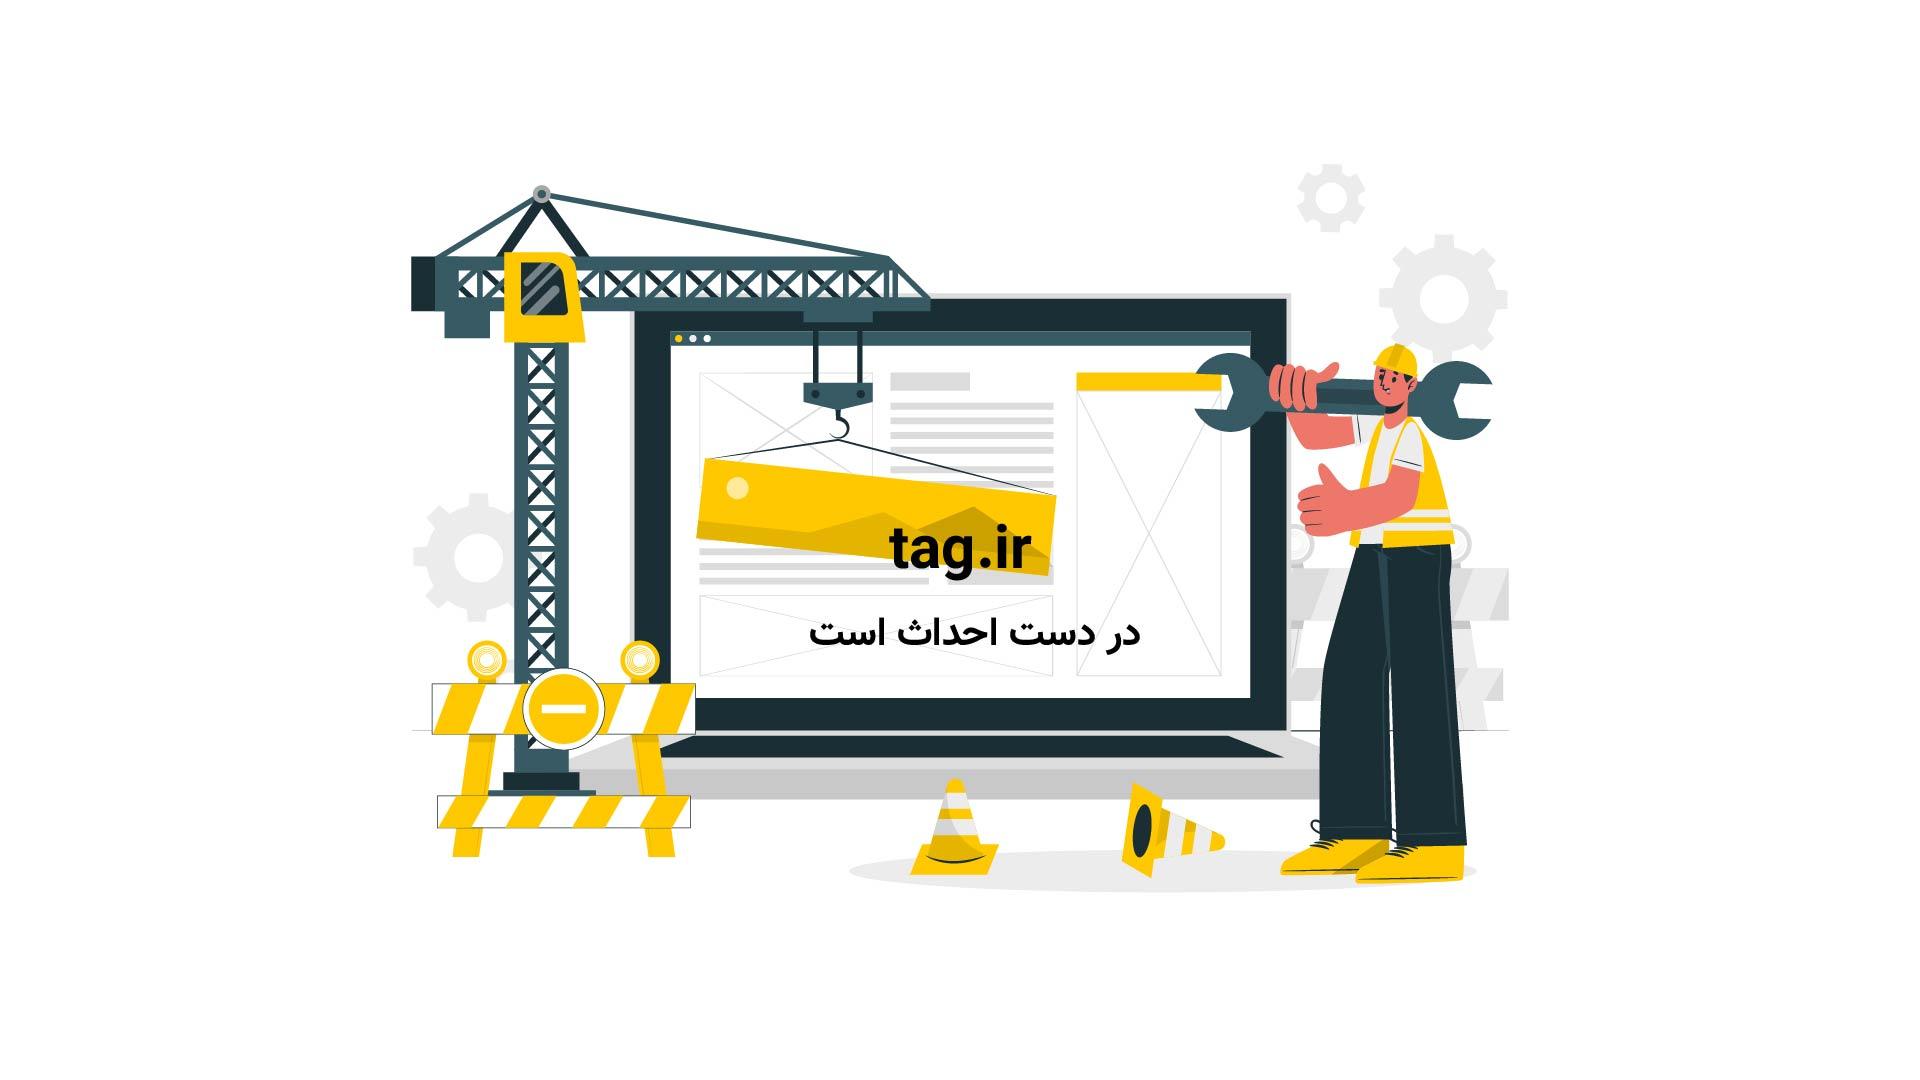 موتورسیکلت آلمانی با پیشرانه وی 6 | فیلم